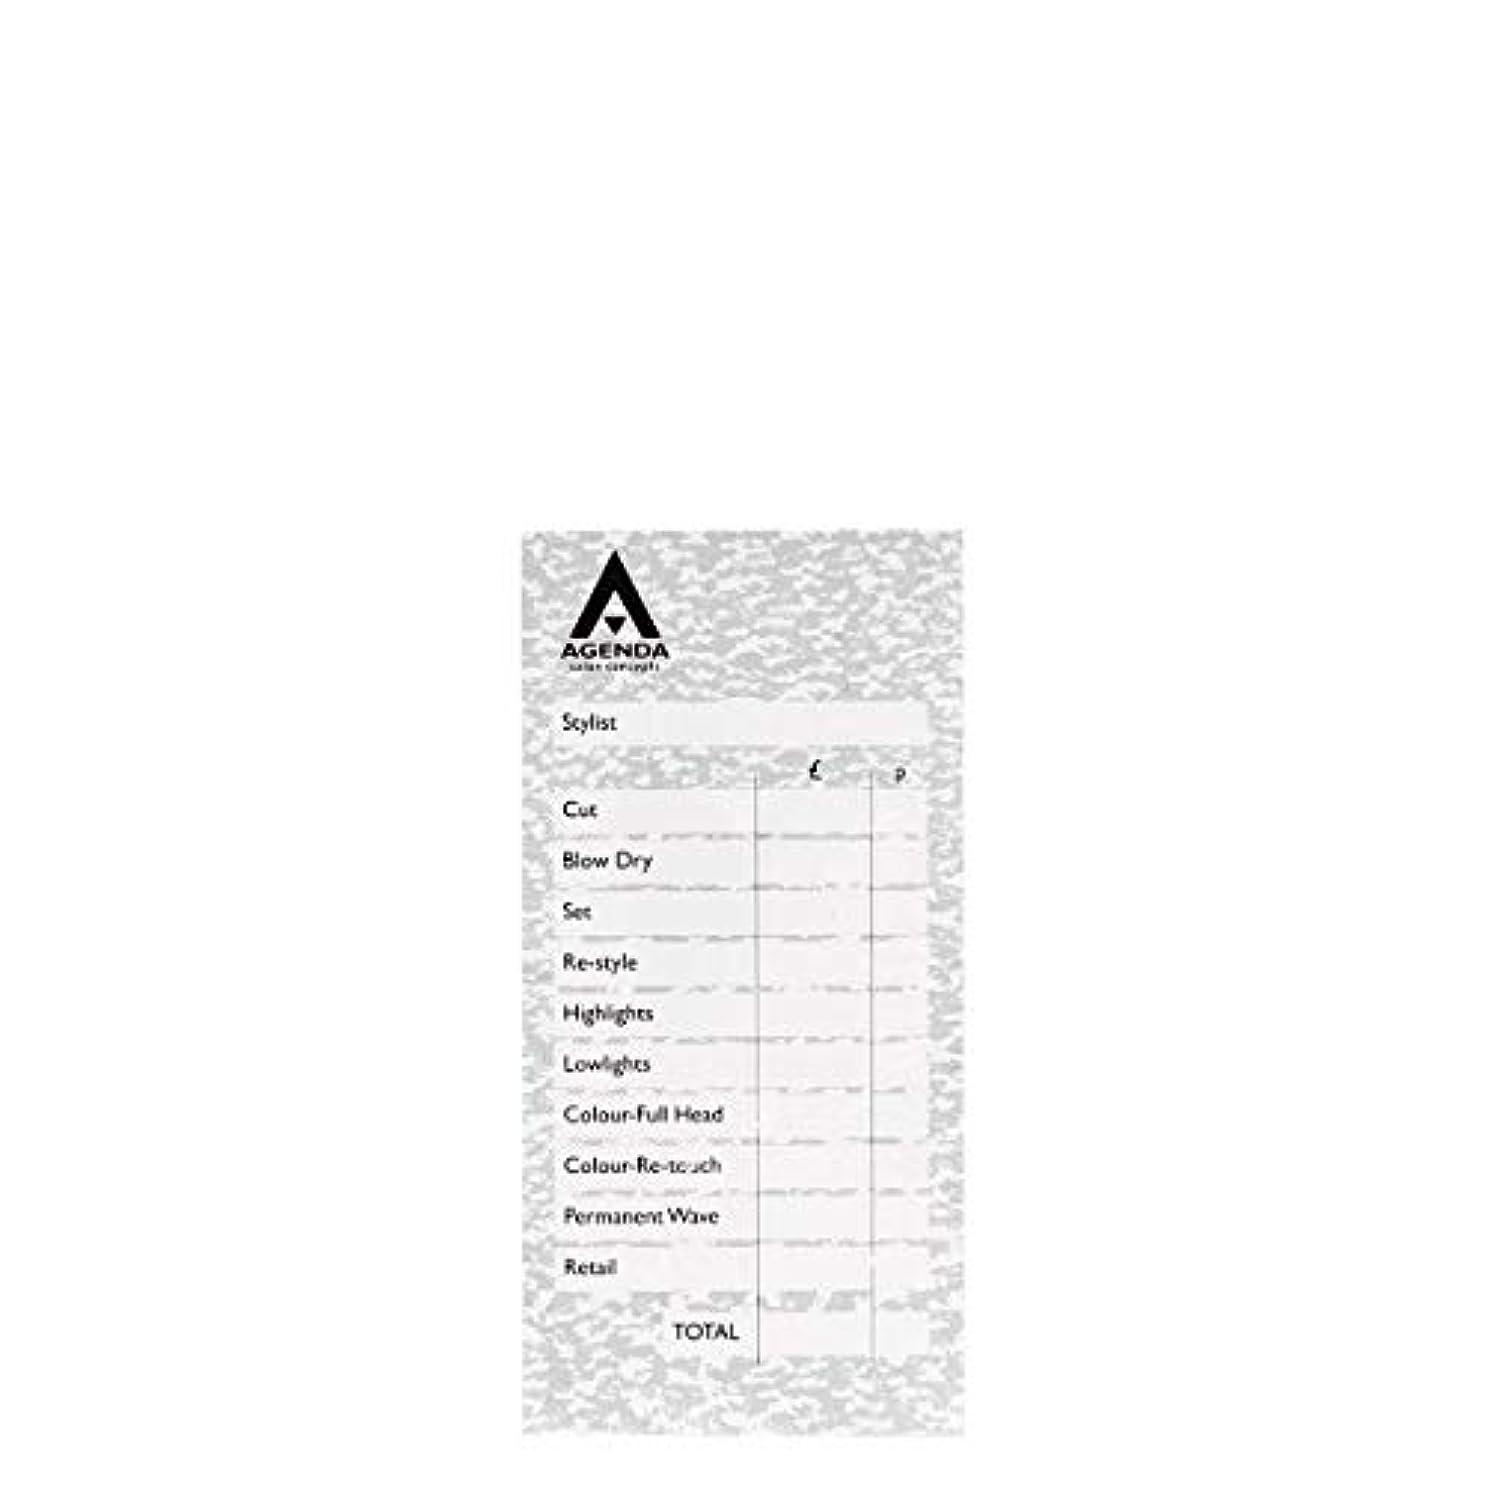 アジェンダ サロンコンセプト チェックパッドグレー6x100リーフ[海外直送品] [並行輸入品]